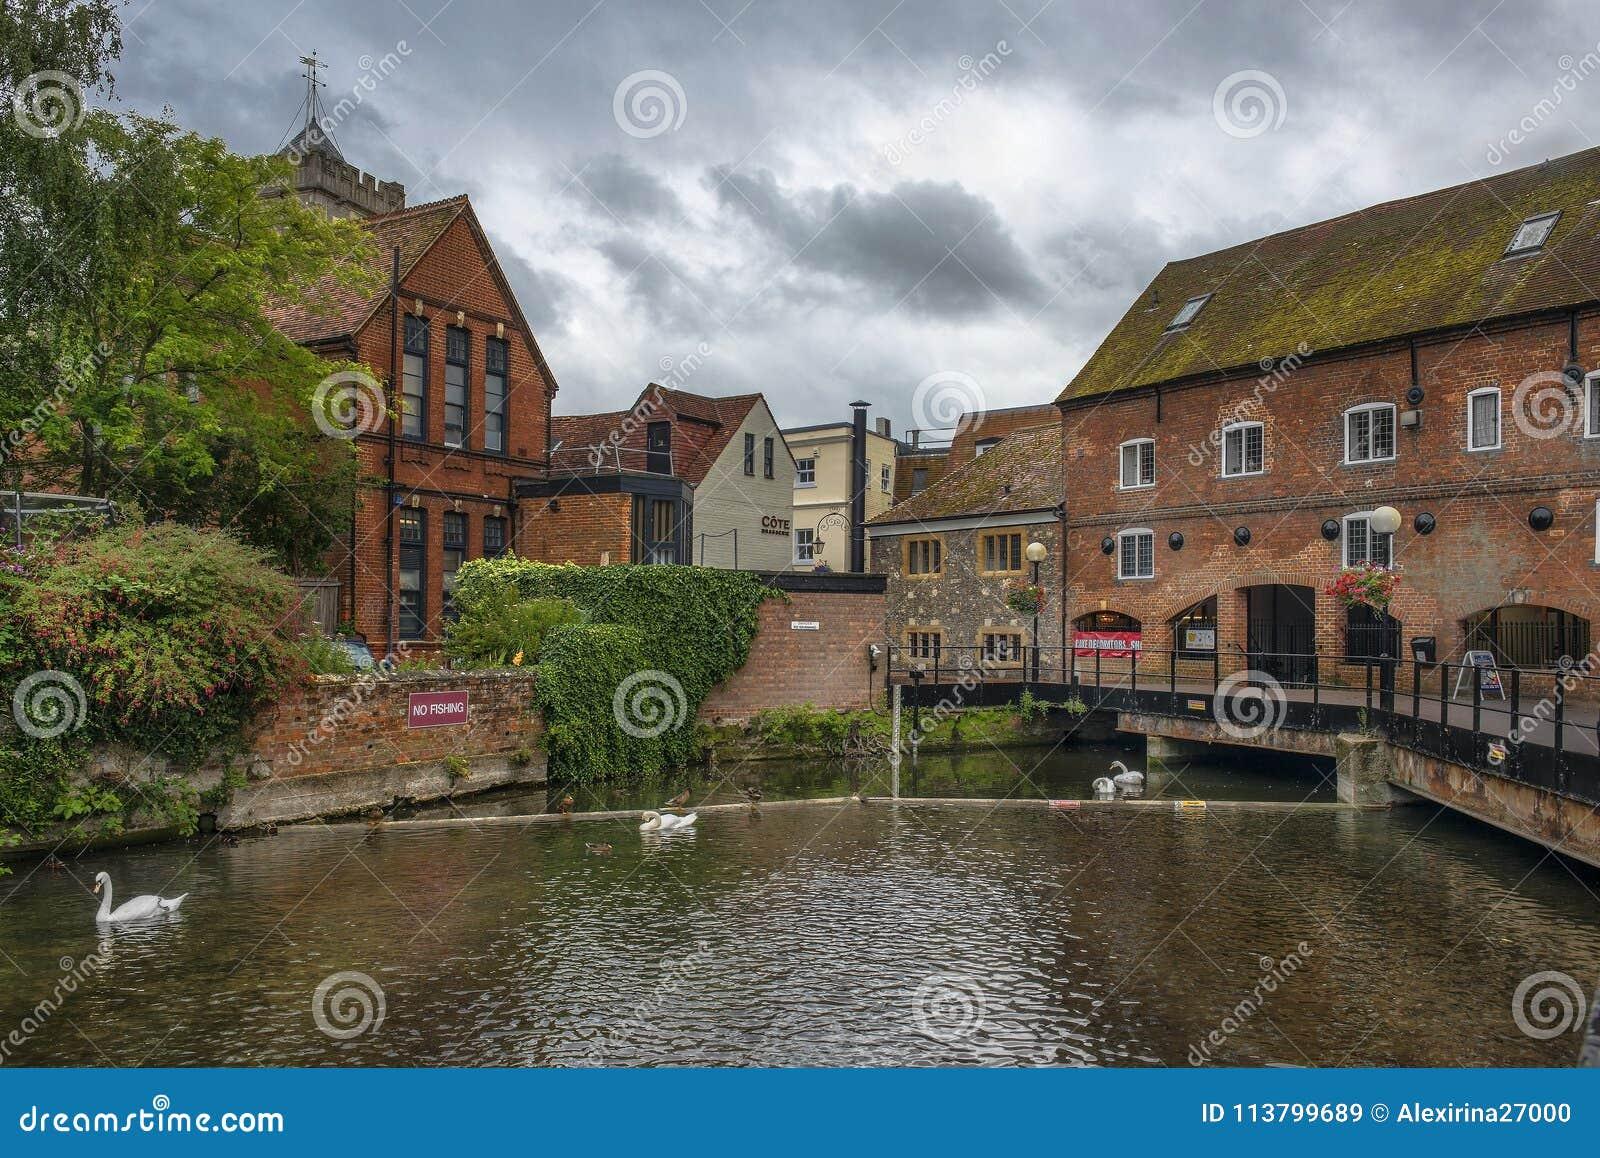 Paesaggio urbano con il fiume Avon a Salisbury, Inghilterra